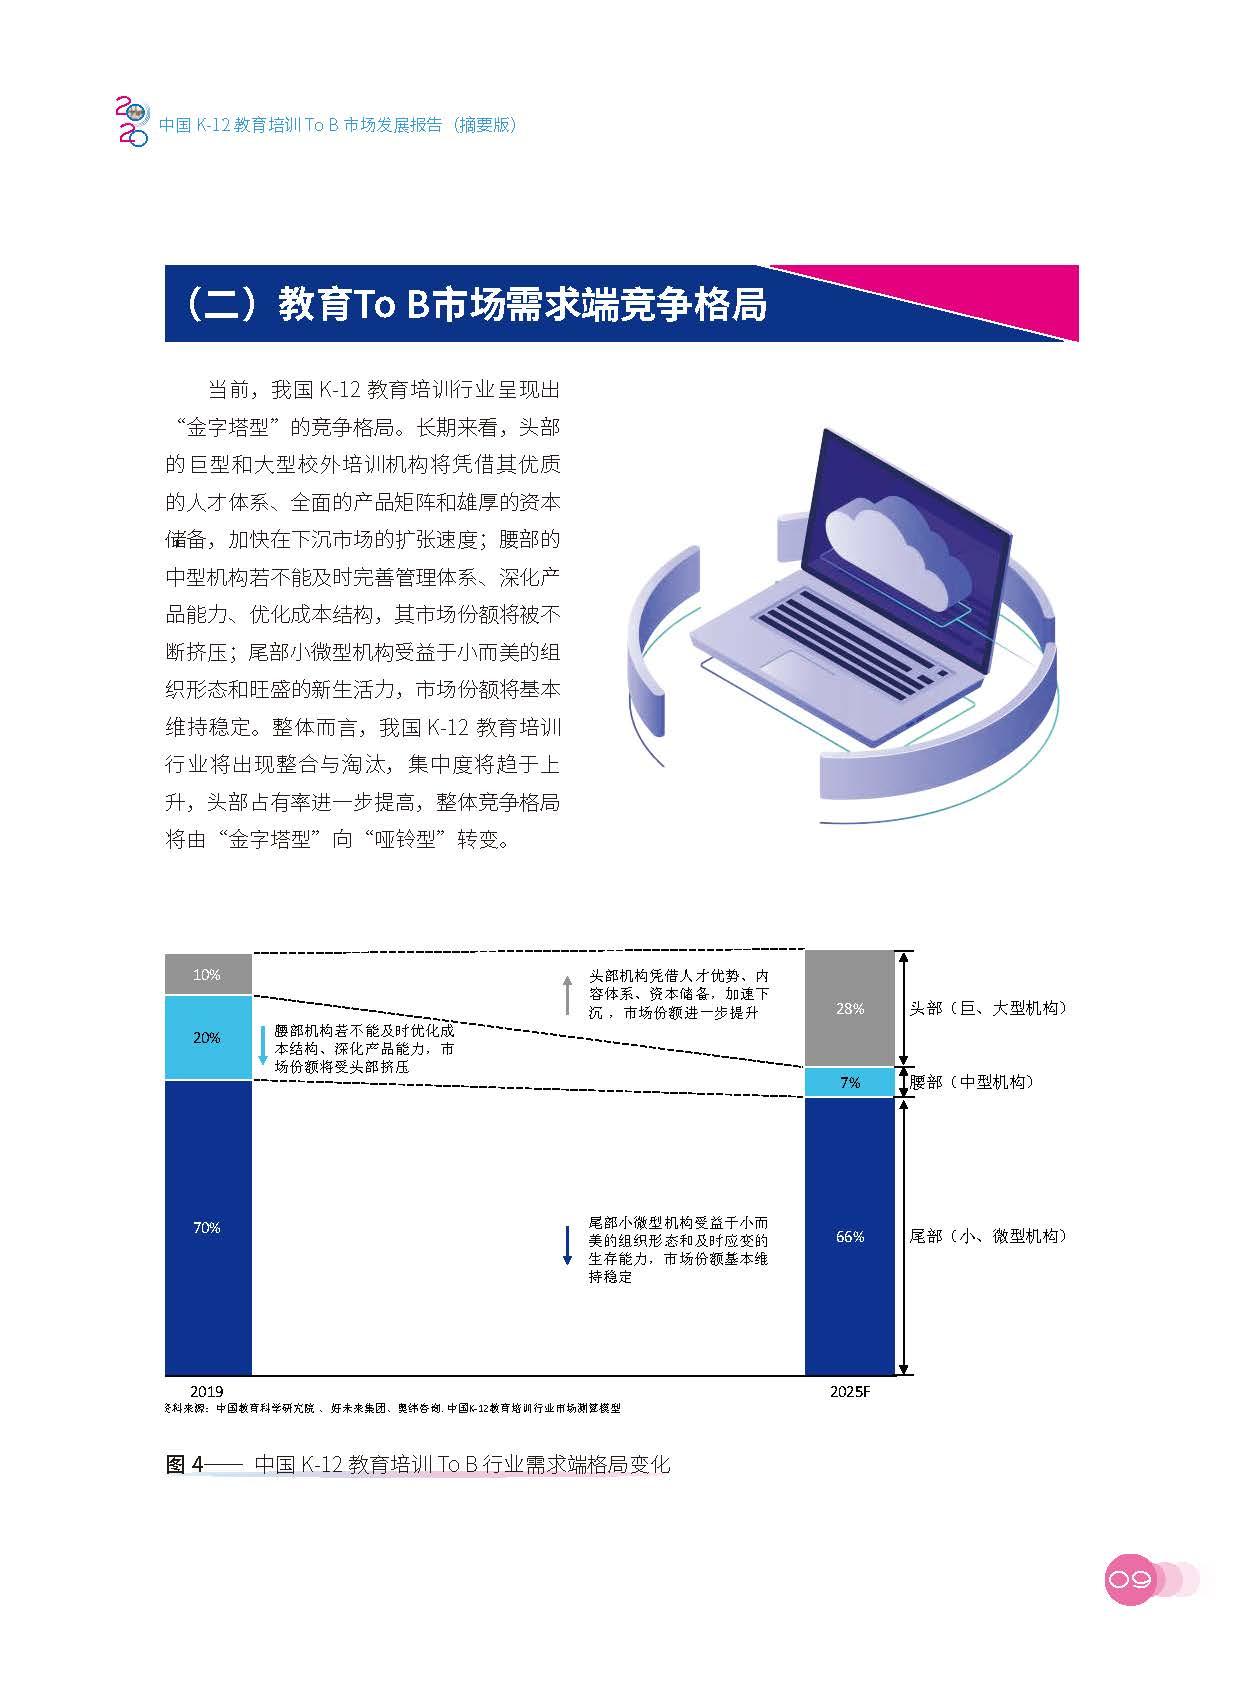 中国教育科学研究院:2020中国K~12教育培训To B市场发展报告(56页)_页面_12.jpg